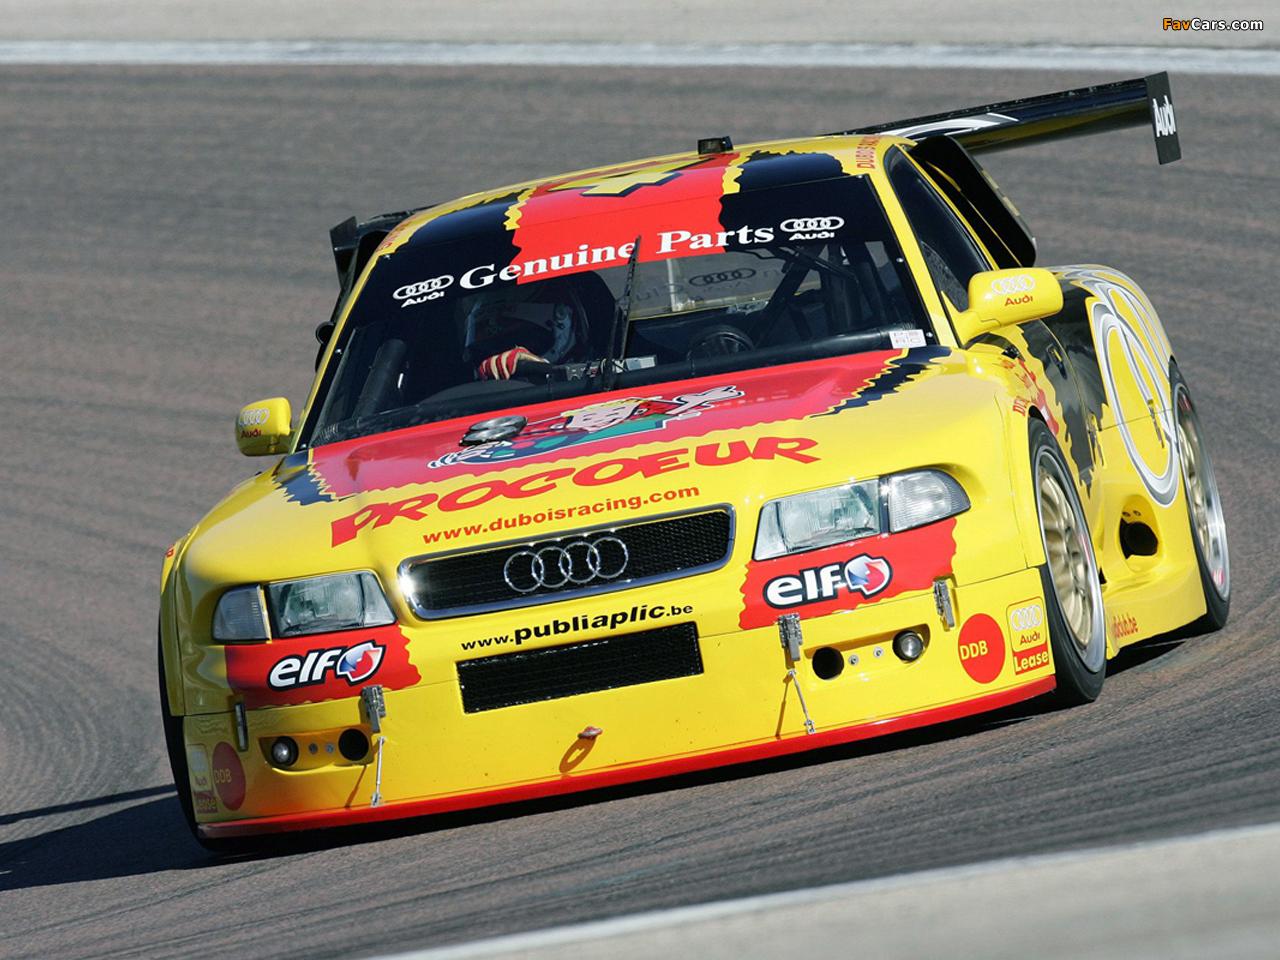 Audi A4 Btcs B5 8d 2002 Photos 1280x960